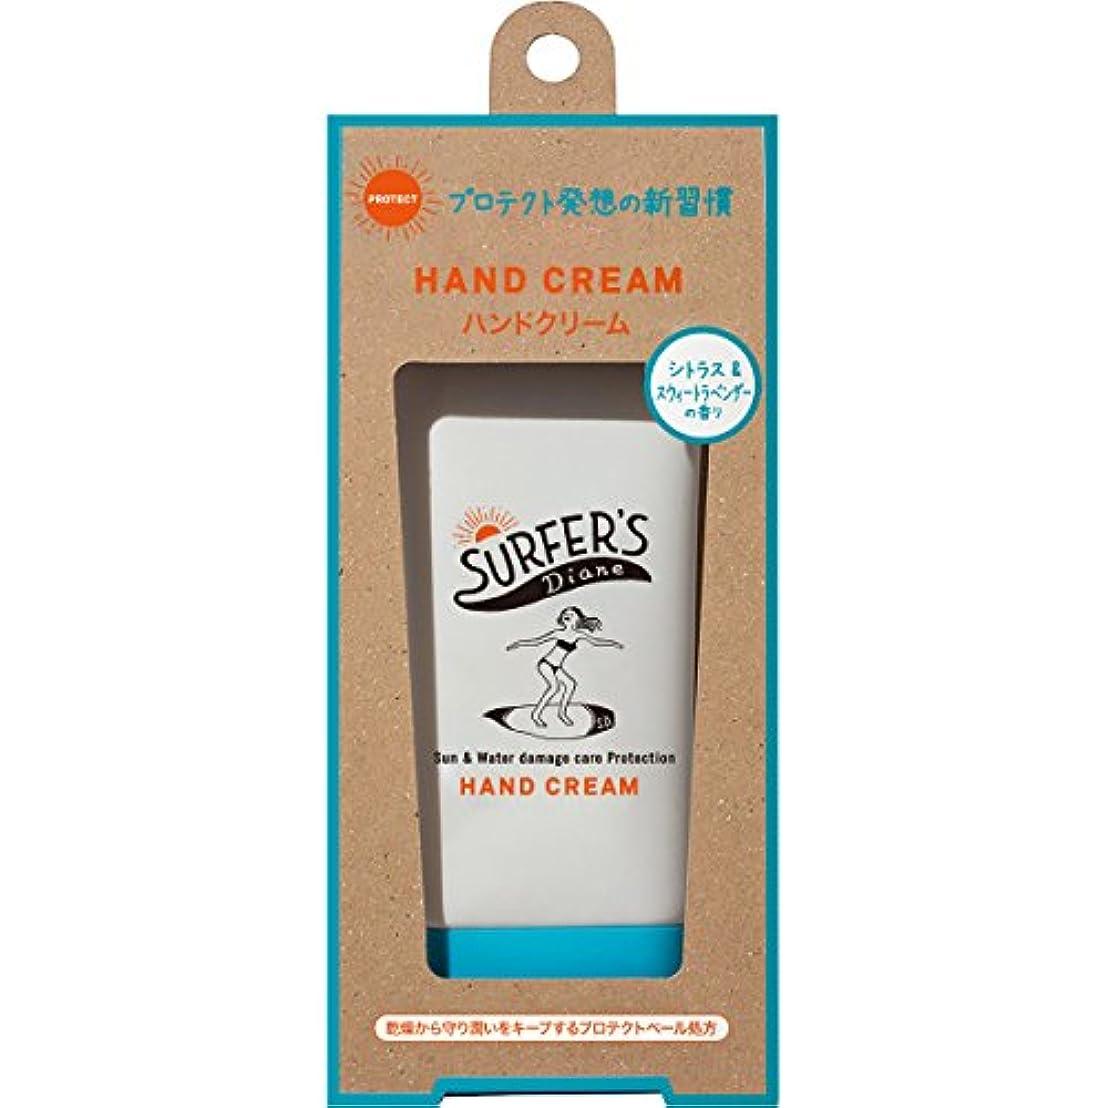 枝コテージ鬼ごっこサーファーズダイアン プロテクト ハンドクリーム シトラス&スウィートラベンダーの香り 50g